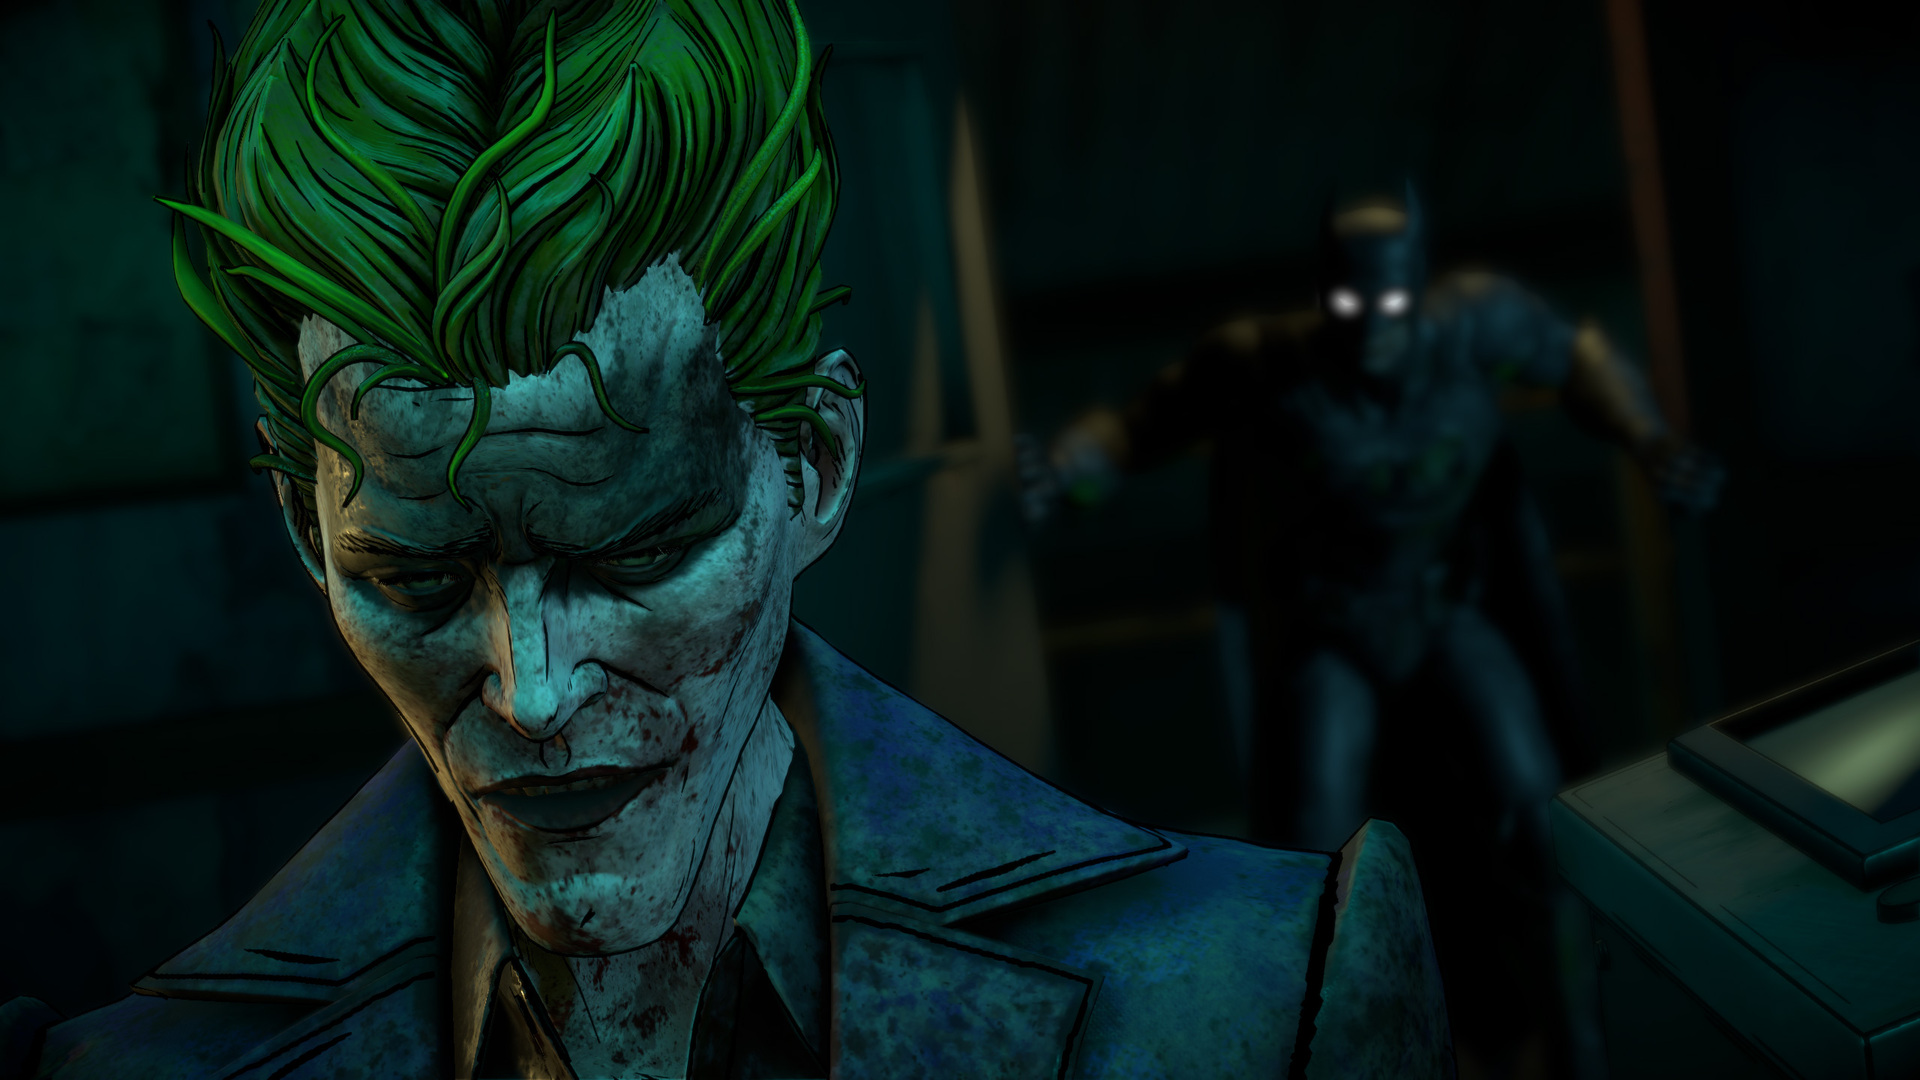 1920x1080 Joker Batman A Telltale Game Series Laptop Full Hd 1080p